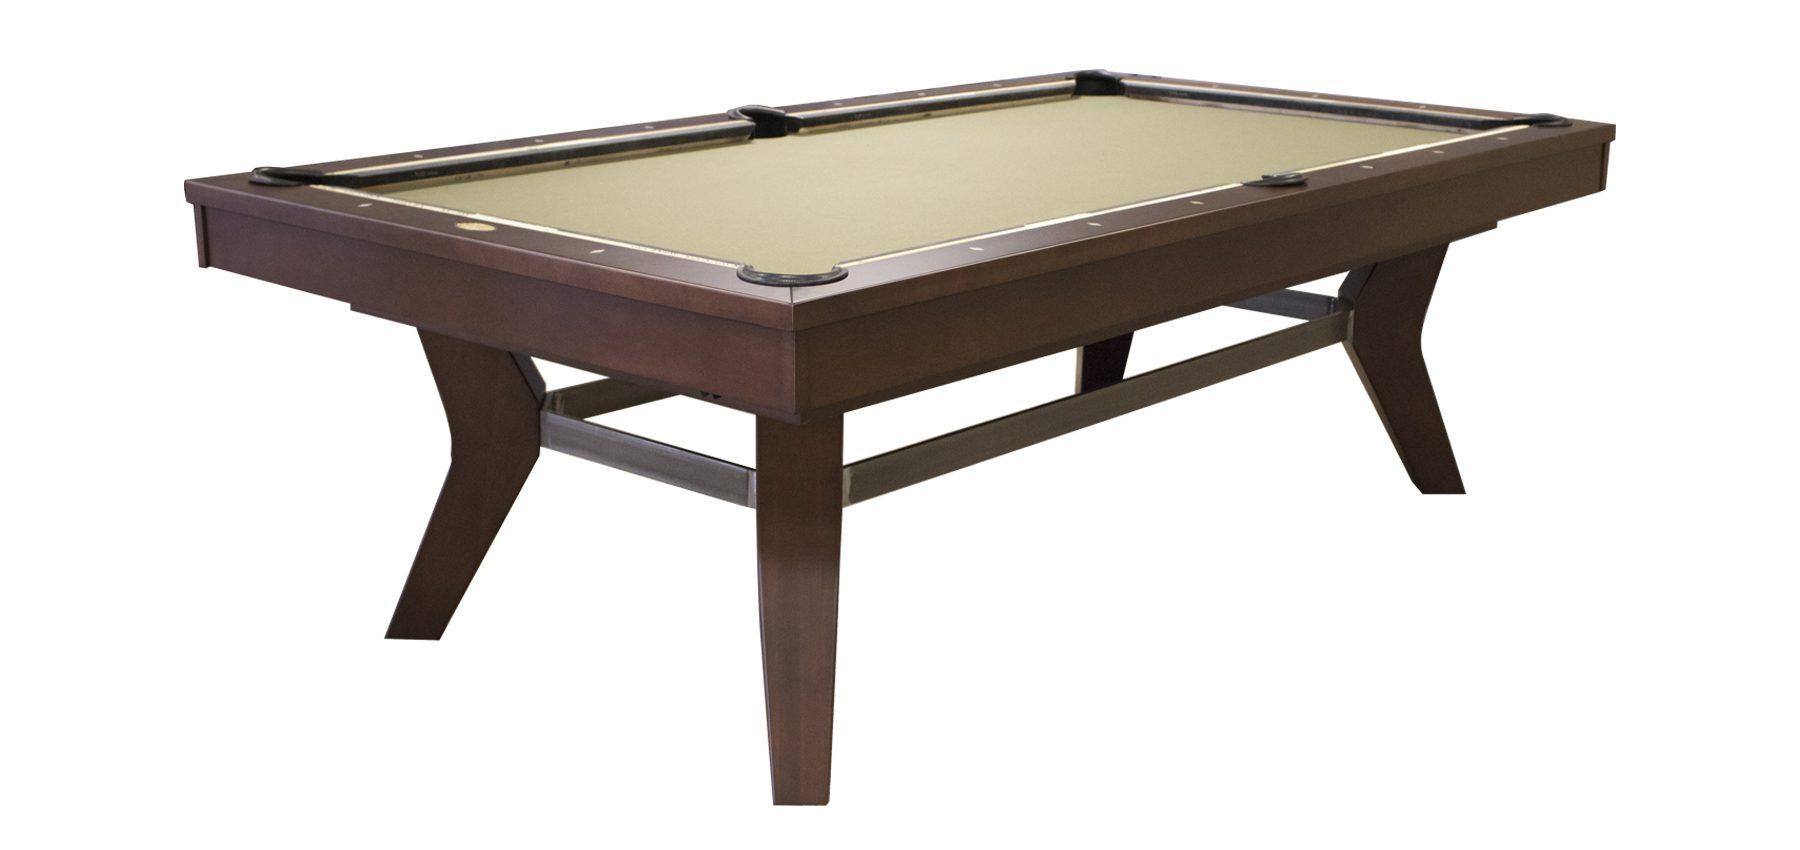 Cues Royal Billiard Recreation - Online pool table sales